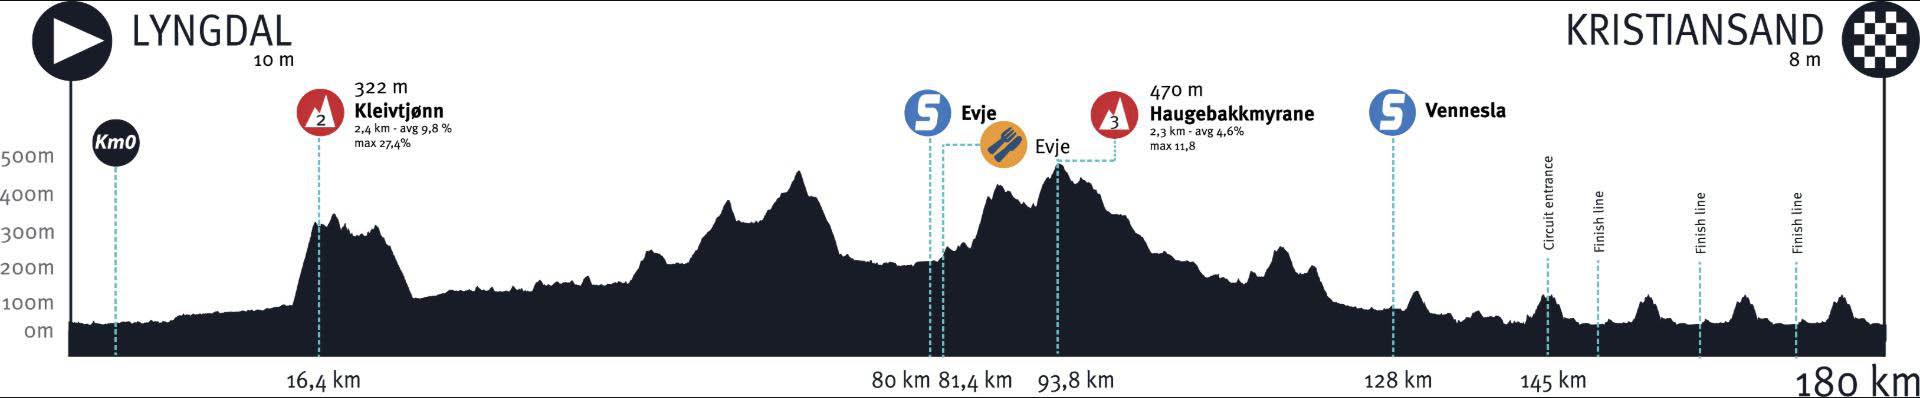 Tour_of_Norway_profil_1920x350